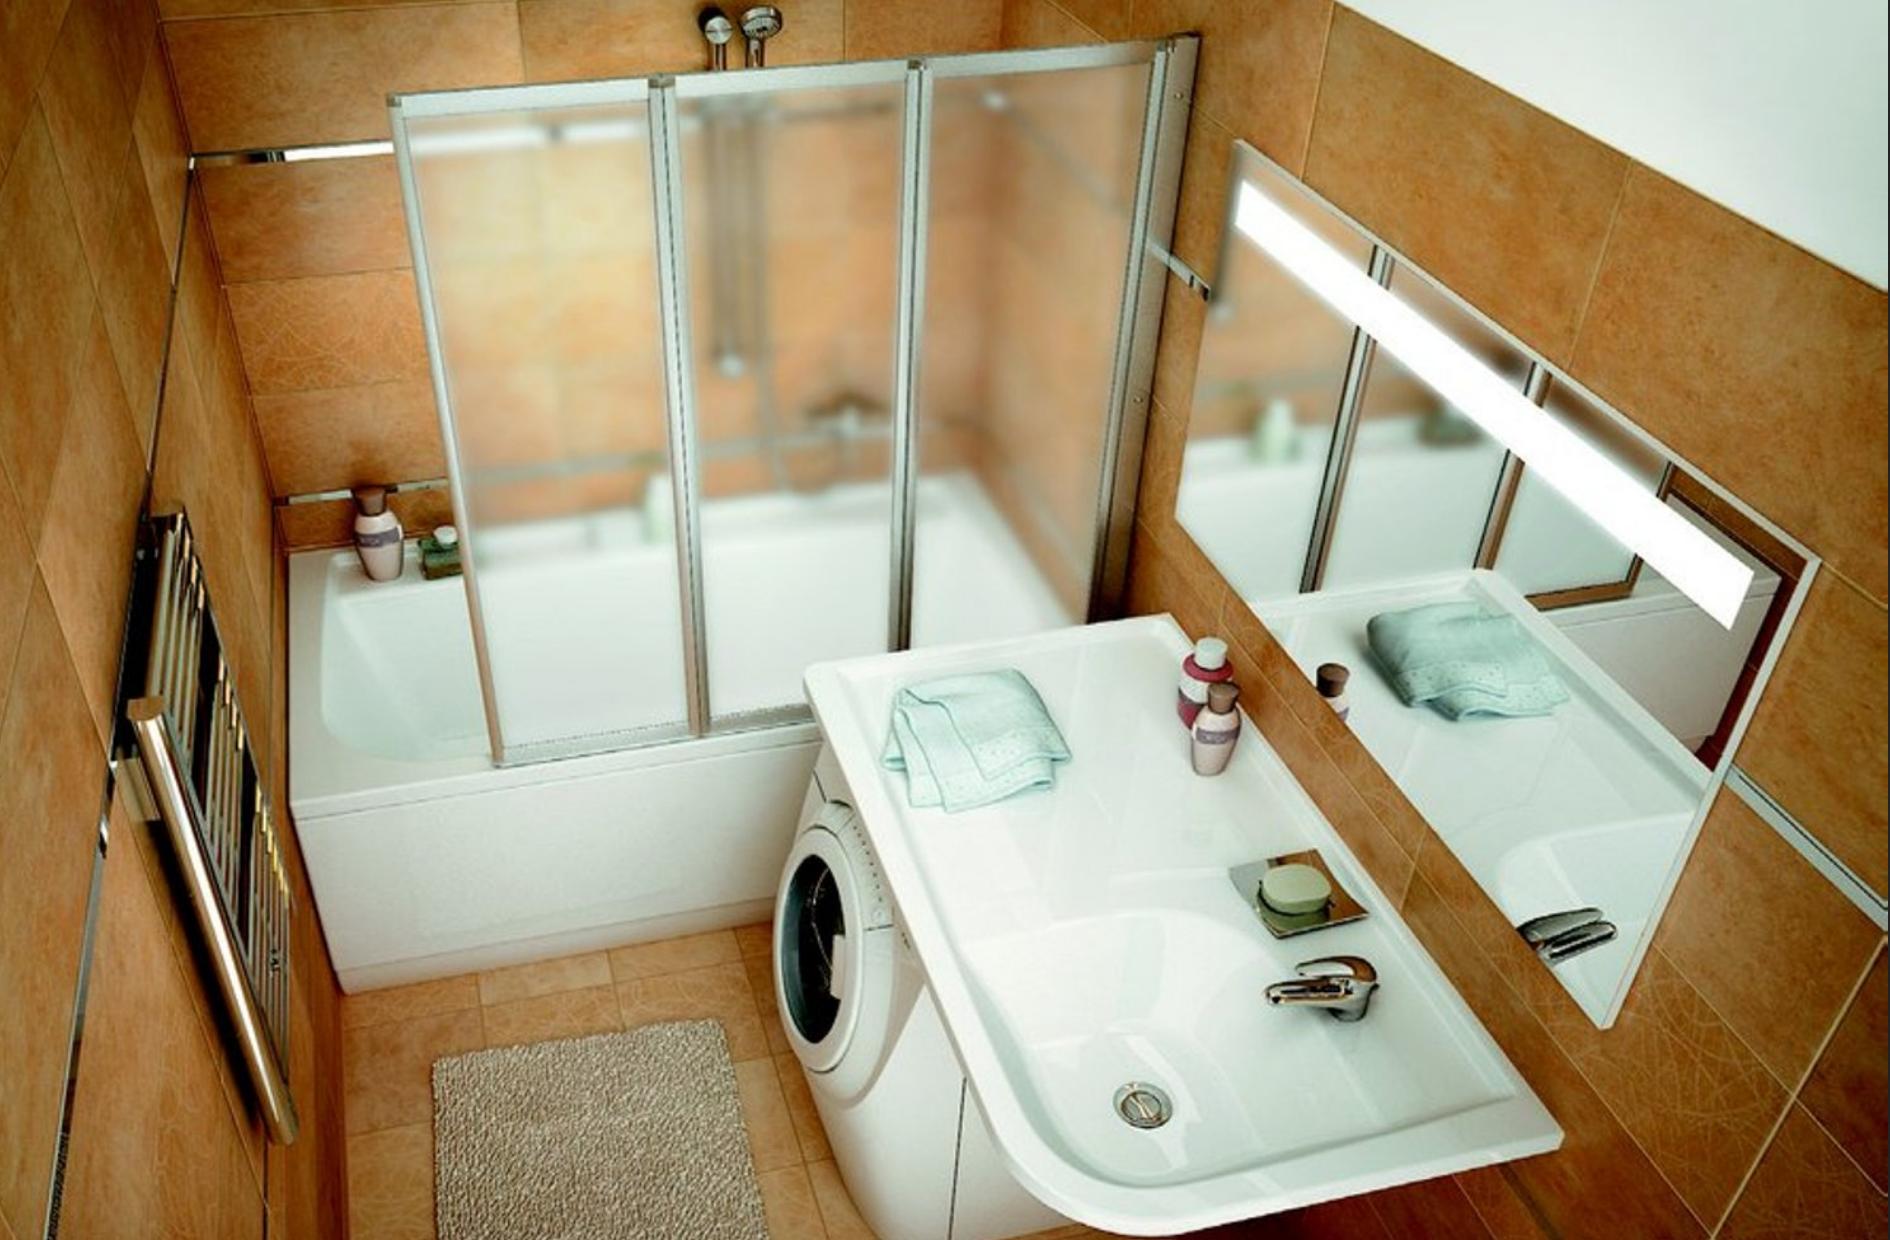 Мебель для ванной комнаты — фото новых идей